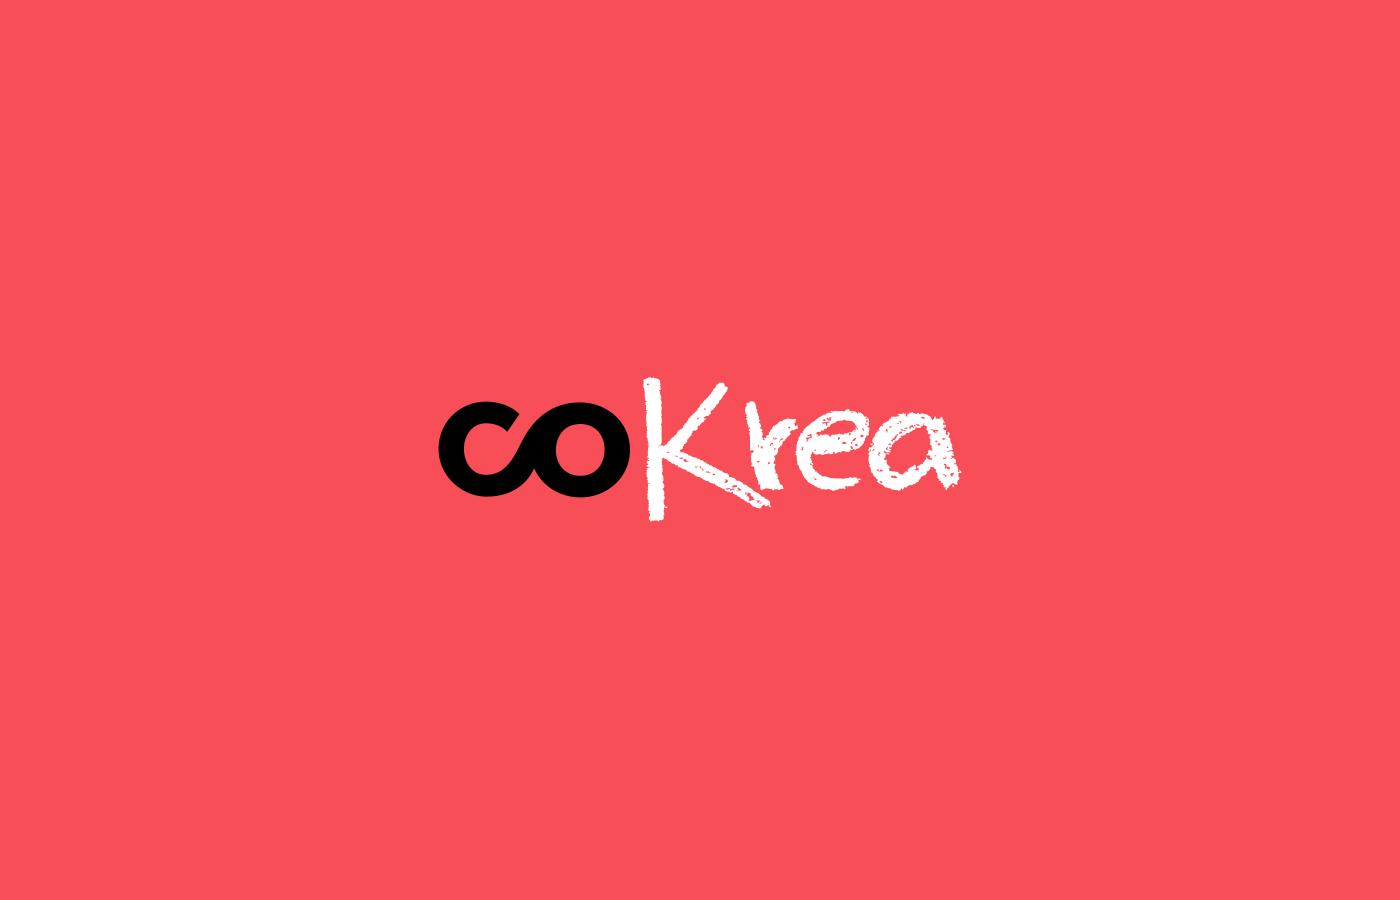 CoKrea